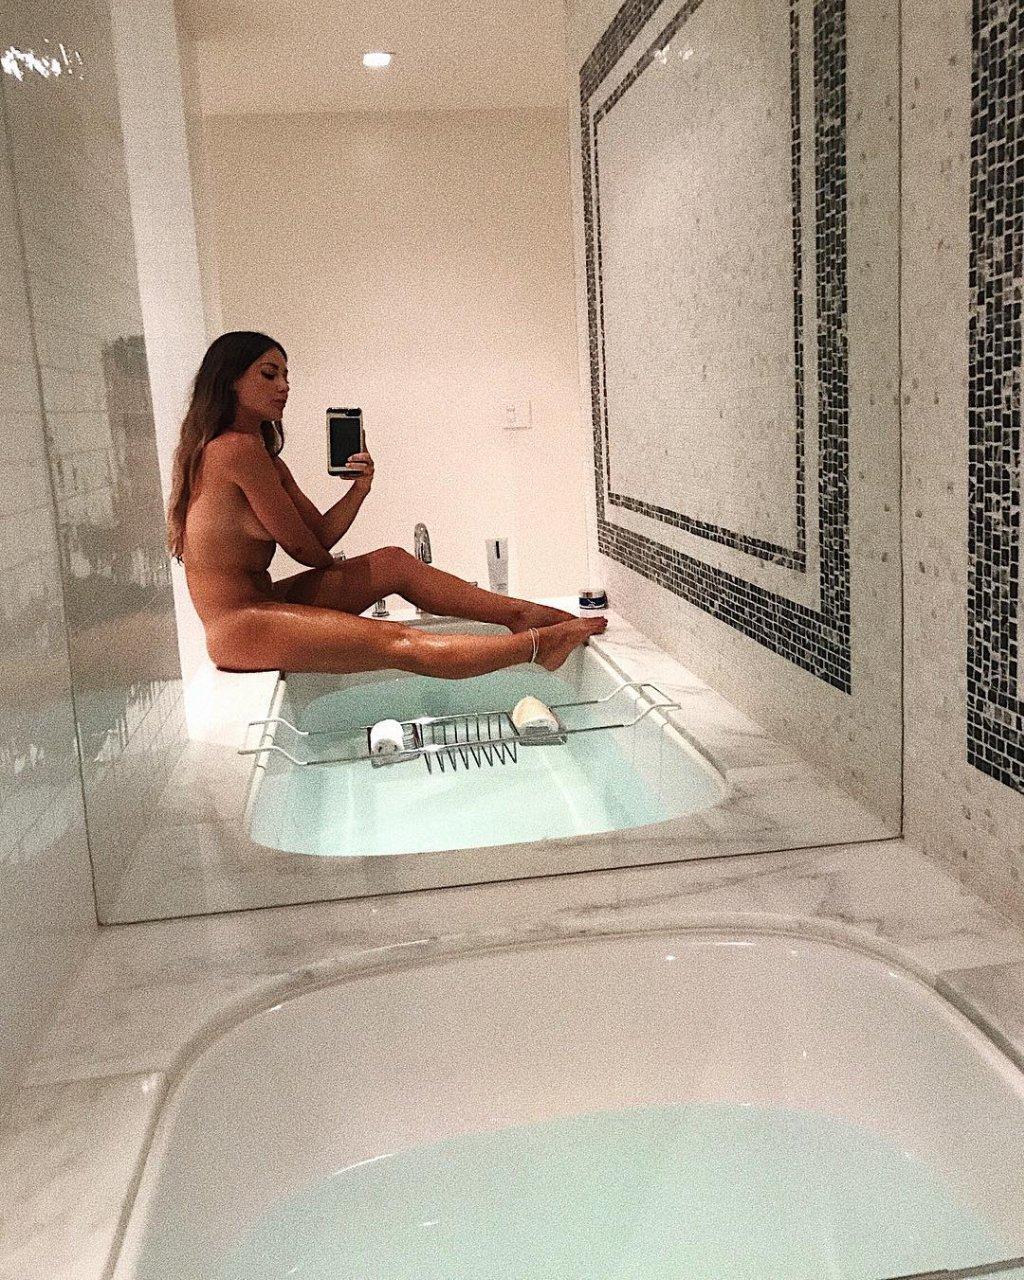 pics Louise thompson naked photos